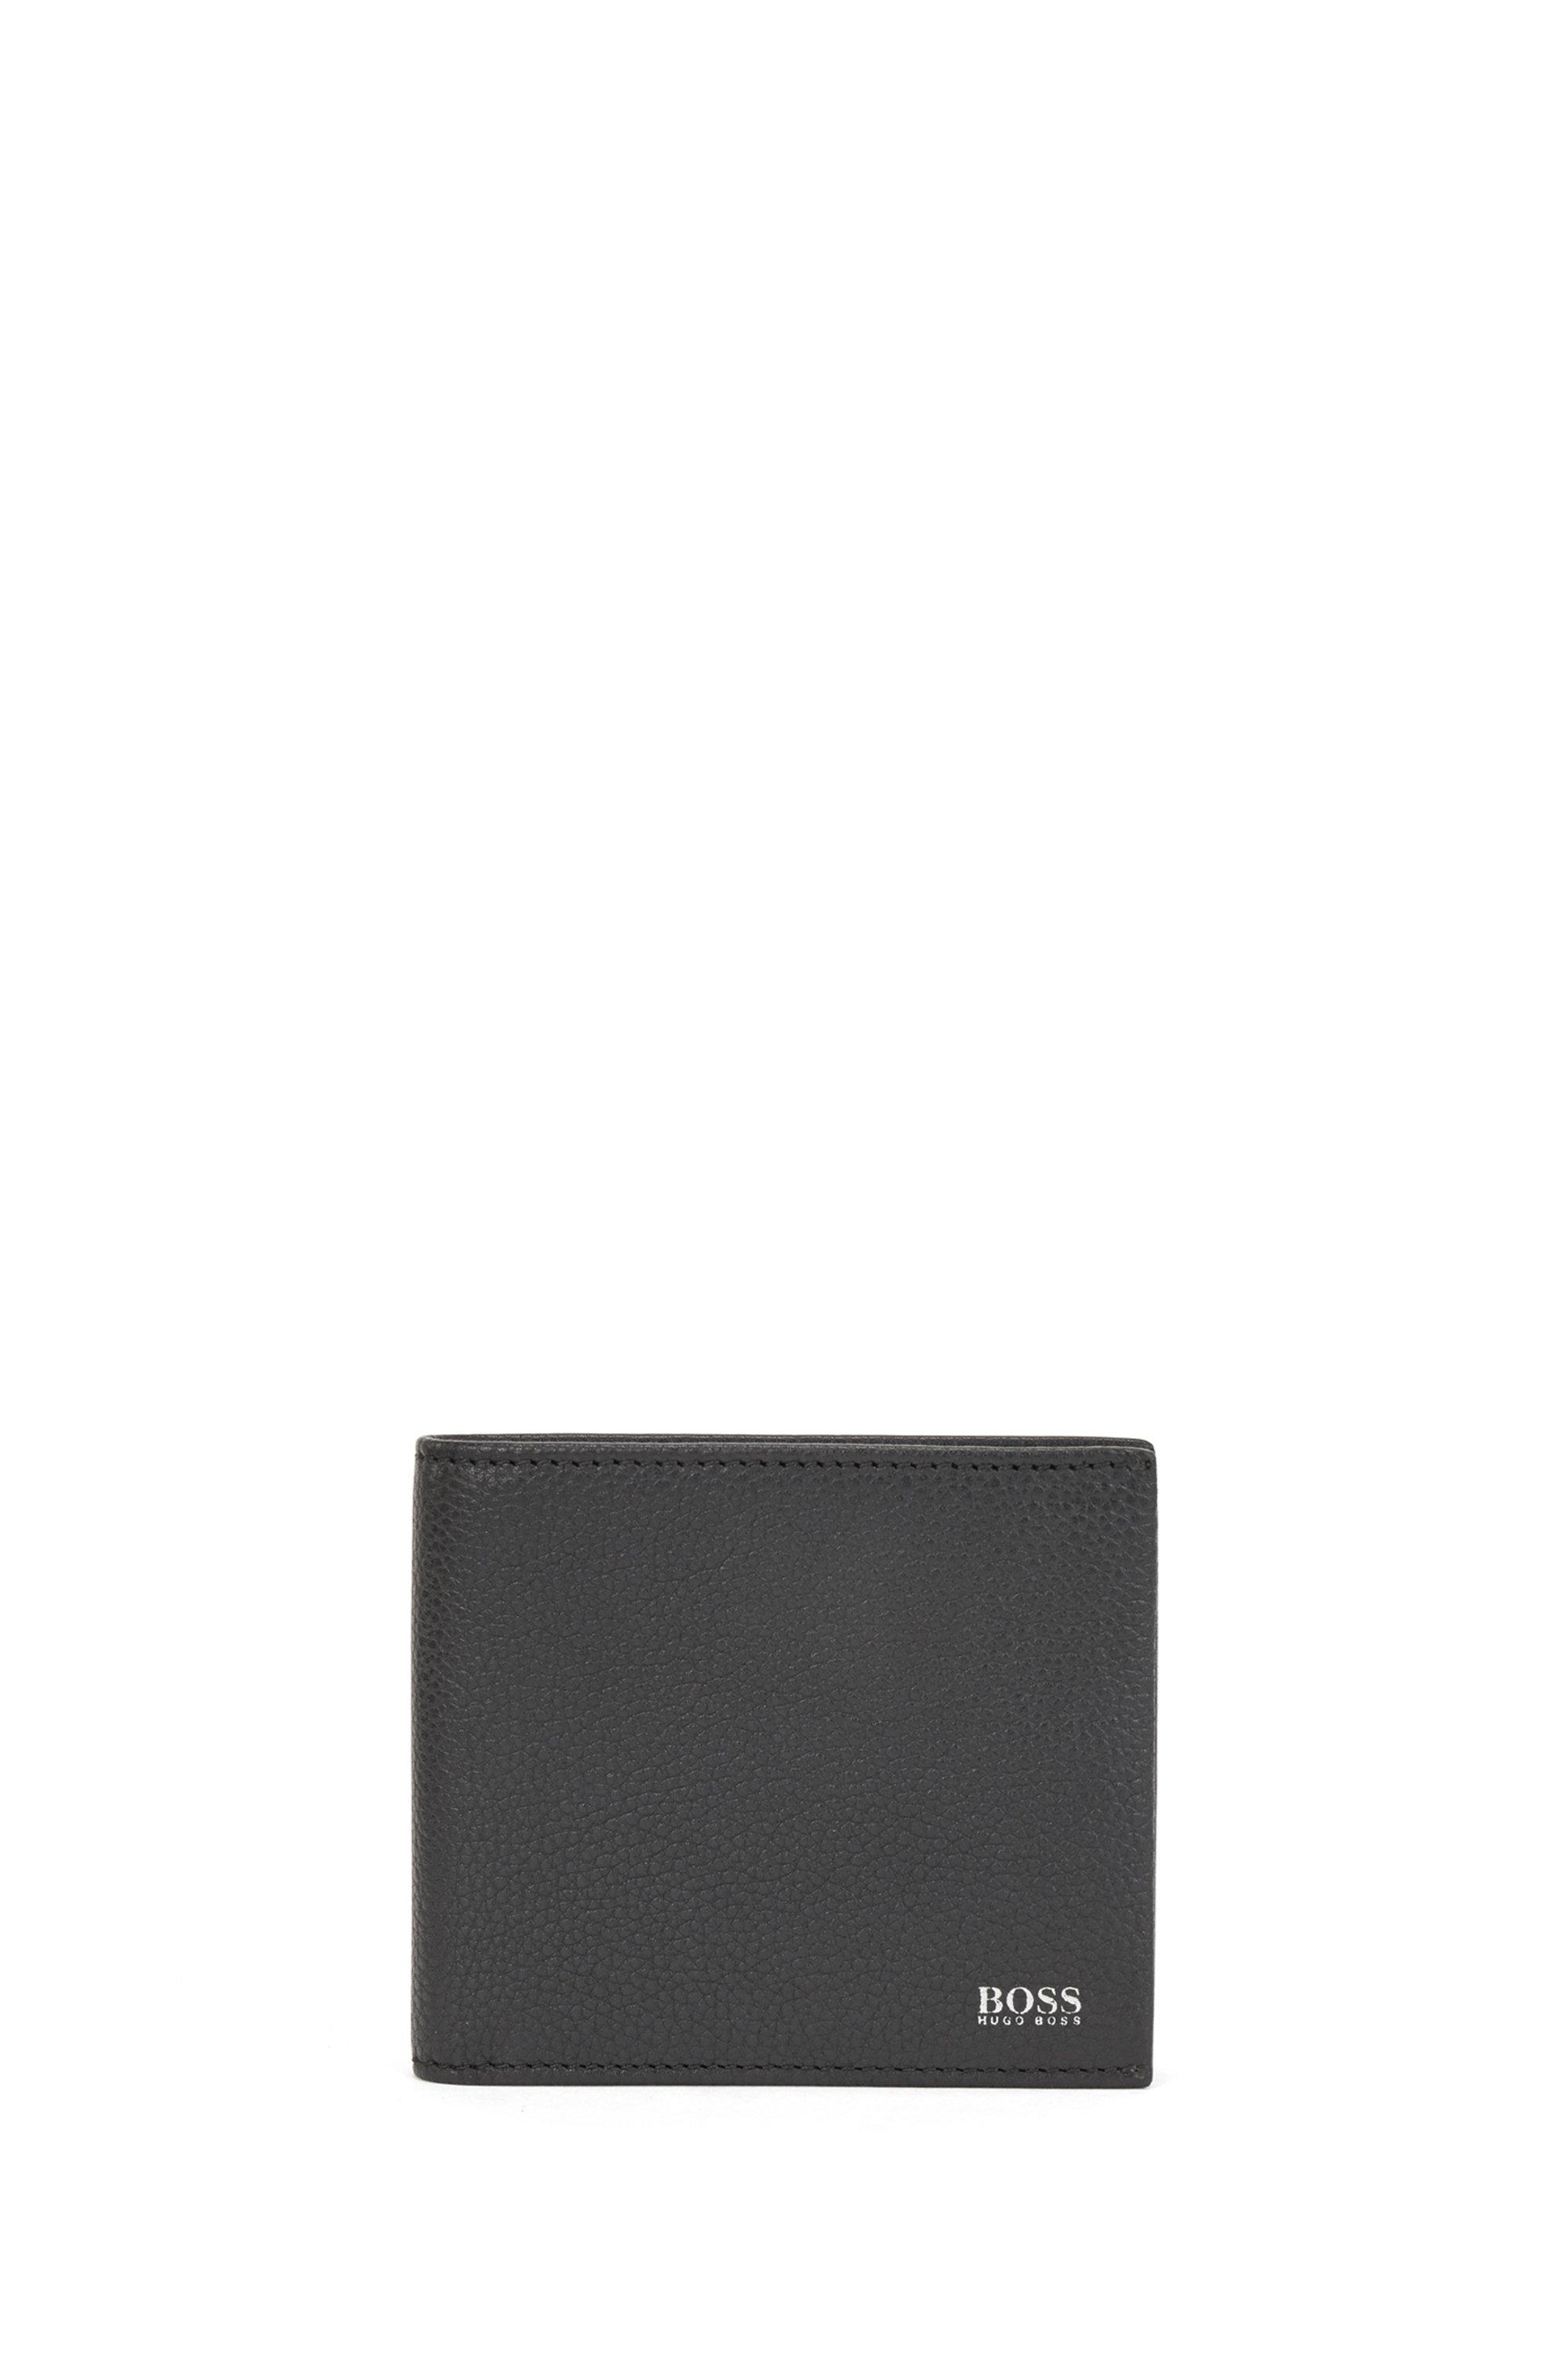 Geschenk-Set mit Geldbörse und Kartenetui aus genarbtem Leder